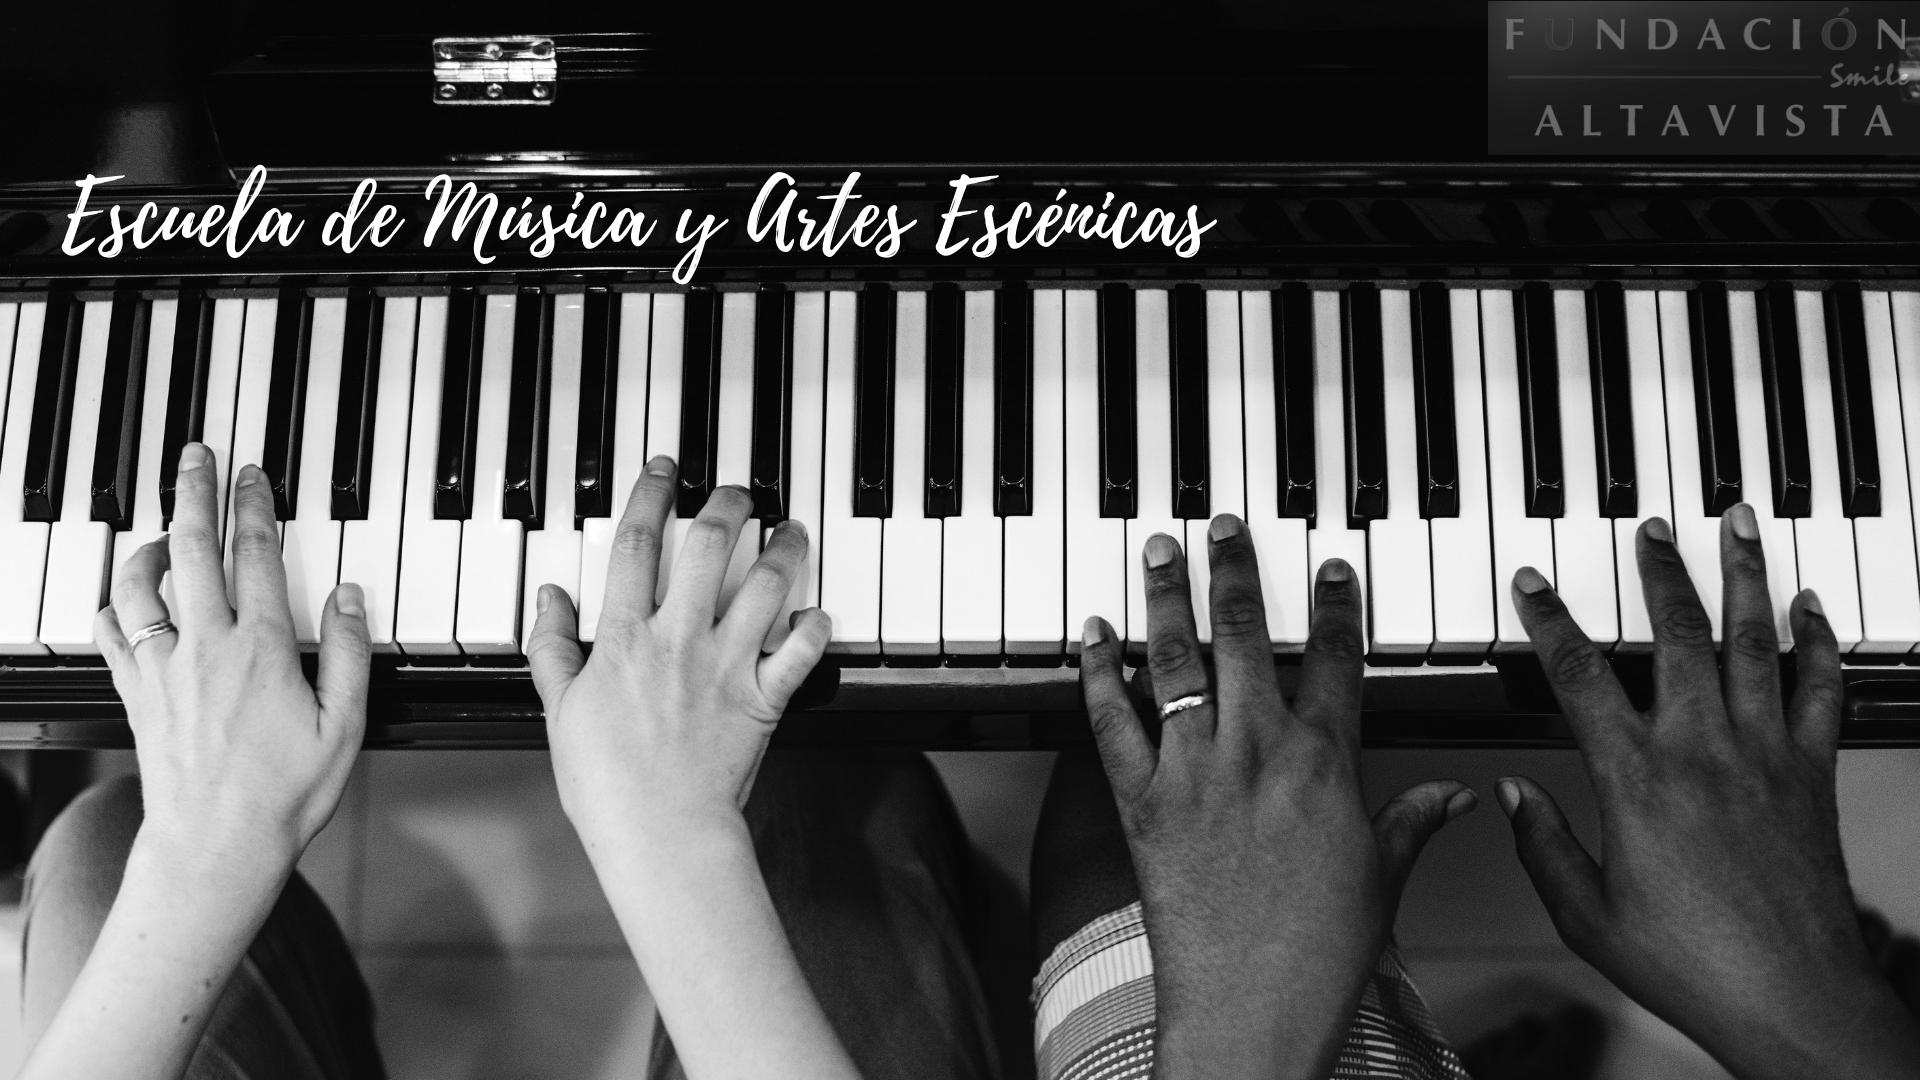 Escuela de Música y Artes Escénicas - Fundación Altavista